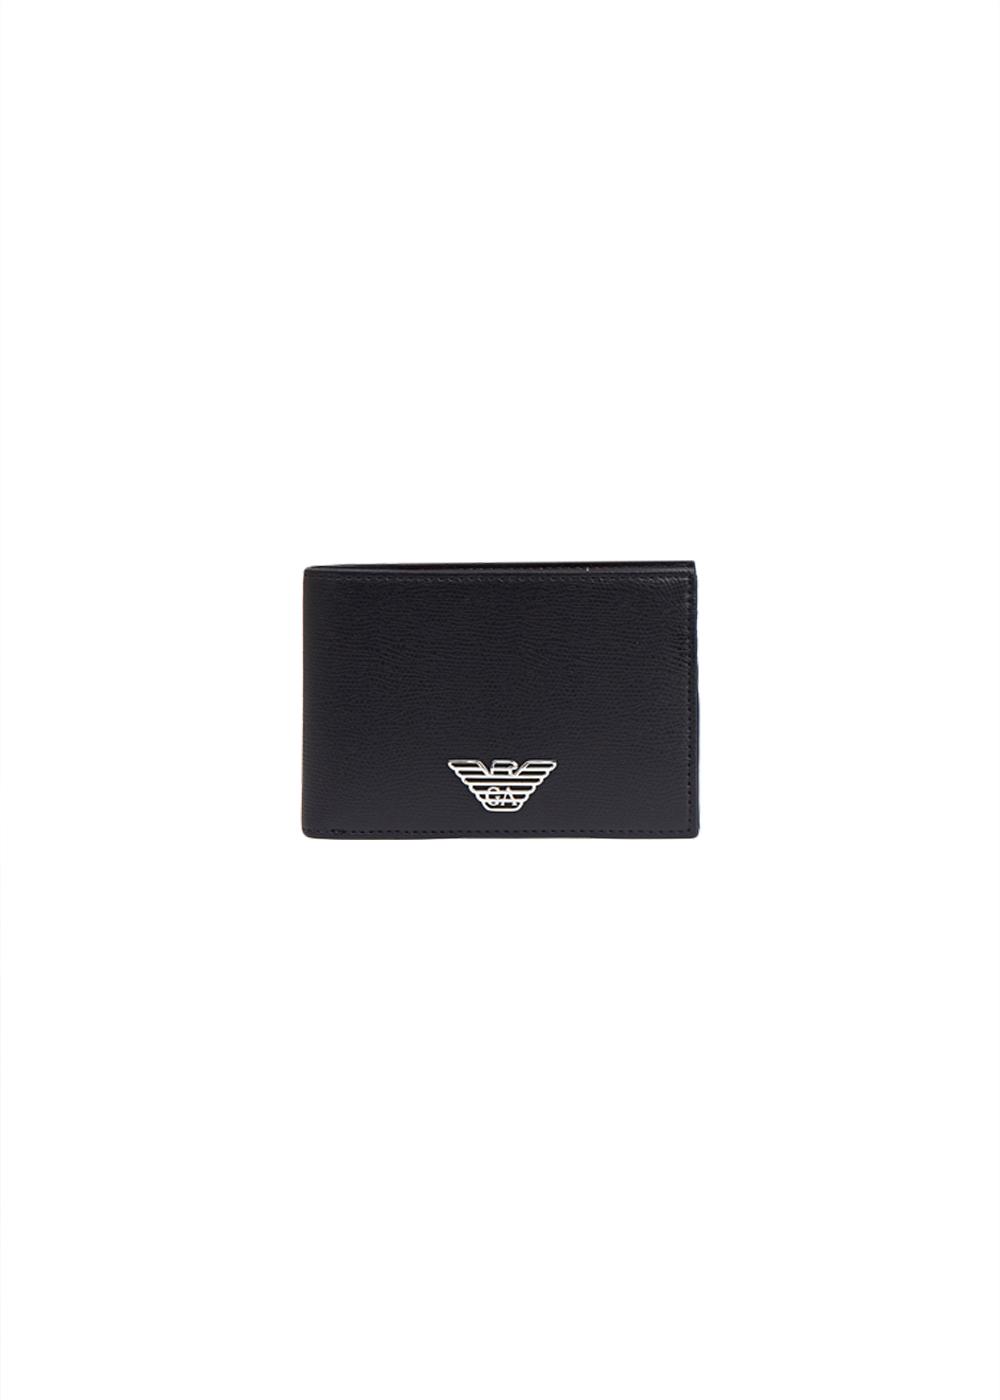 Купить со скидкой Emporio Armani кошелек